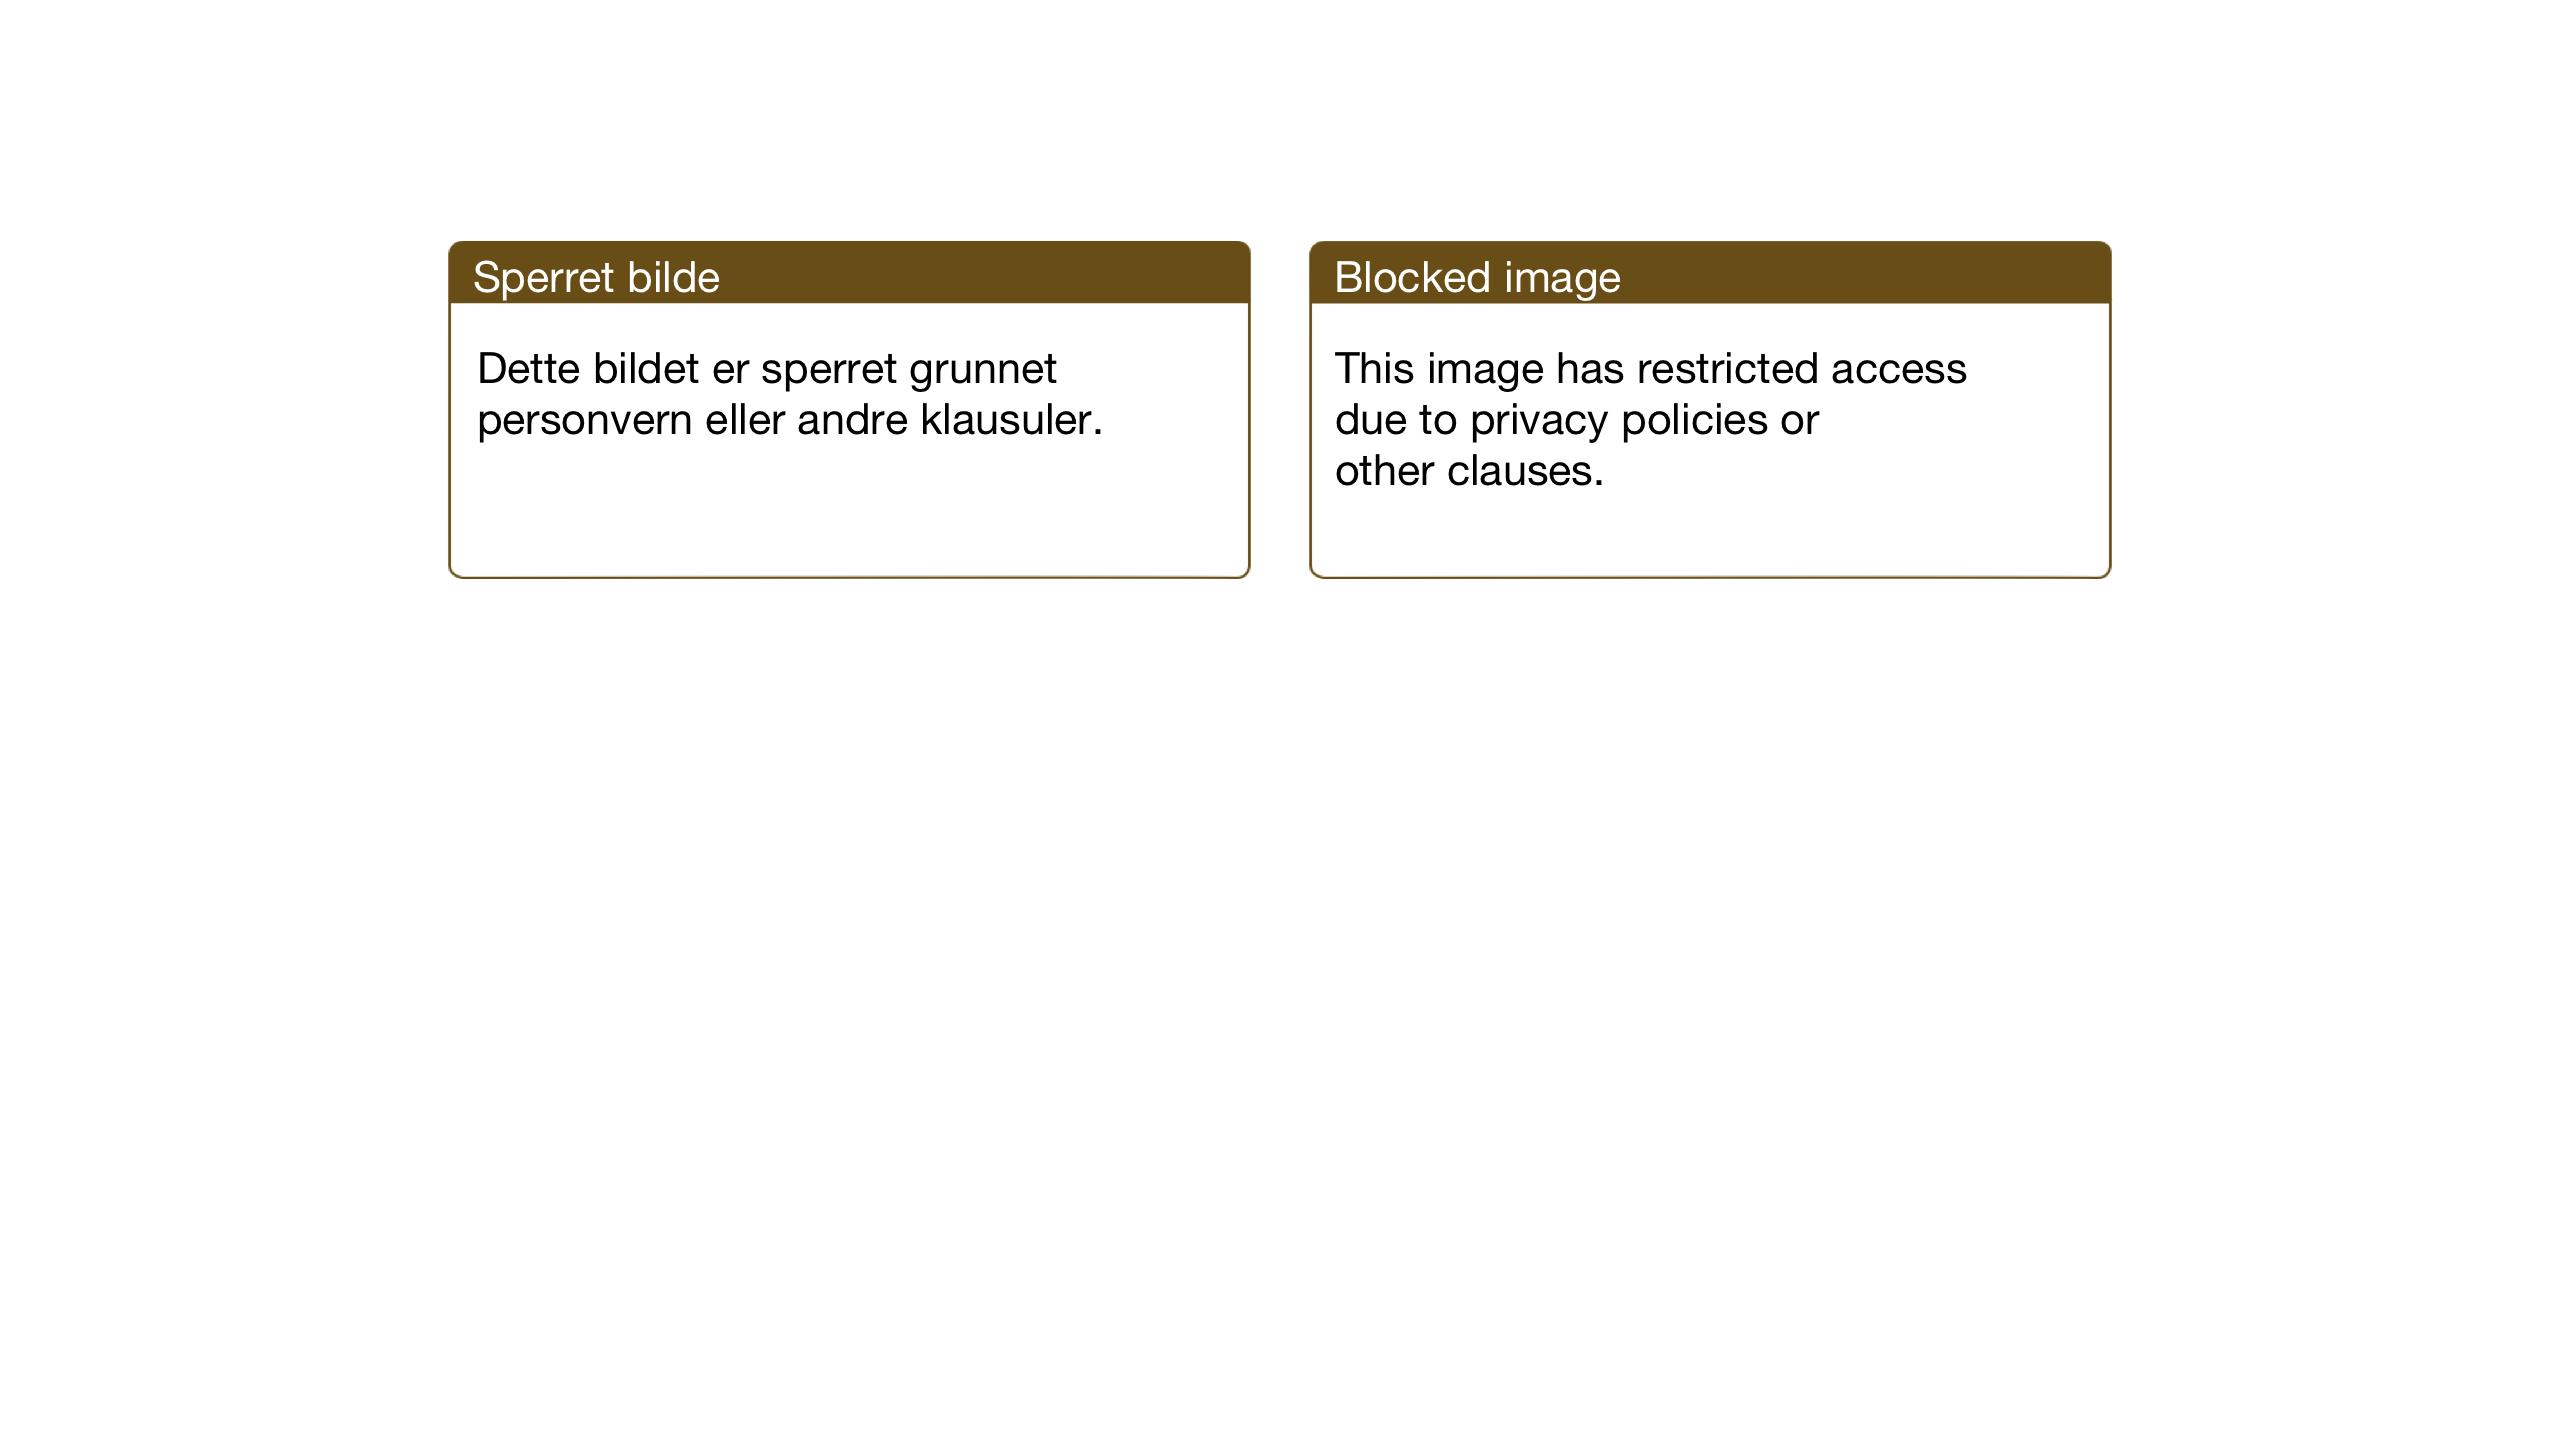 SAT, Ministerialprotokoller, klokkerbøker og fødselsregistre - Sør-Trøndelag, 667/L0799: Klokkerbok nr. 667C04, 1929-1950, s. 72